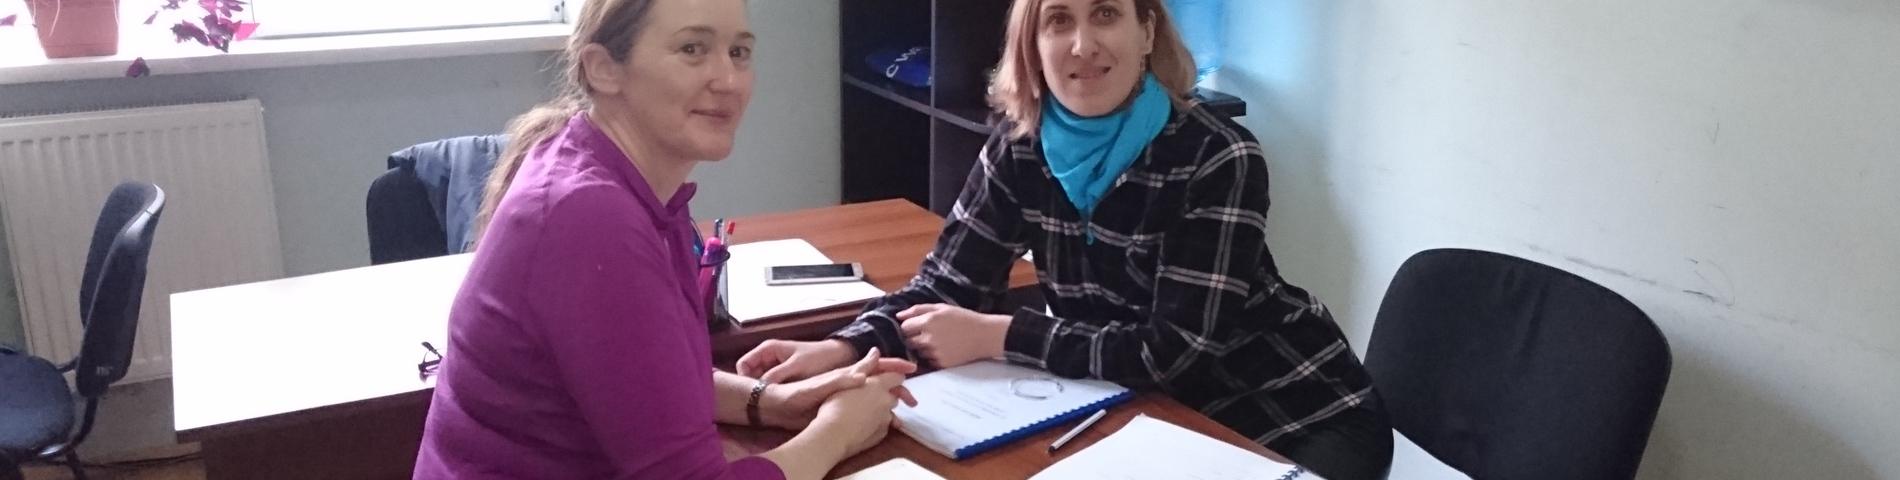 Languages And Tourism Centre Georgia immagine 1